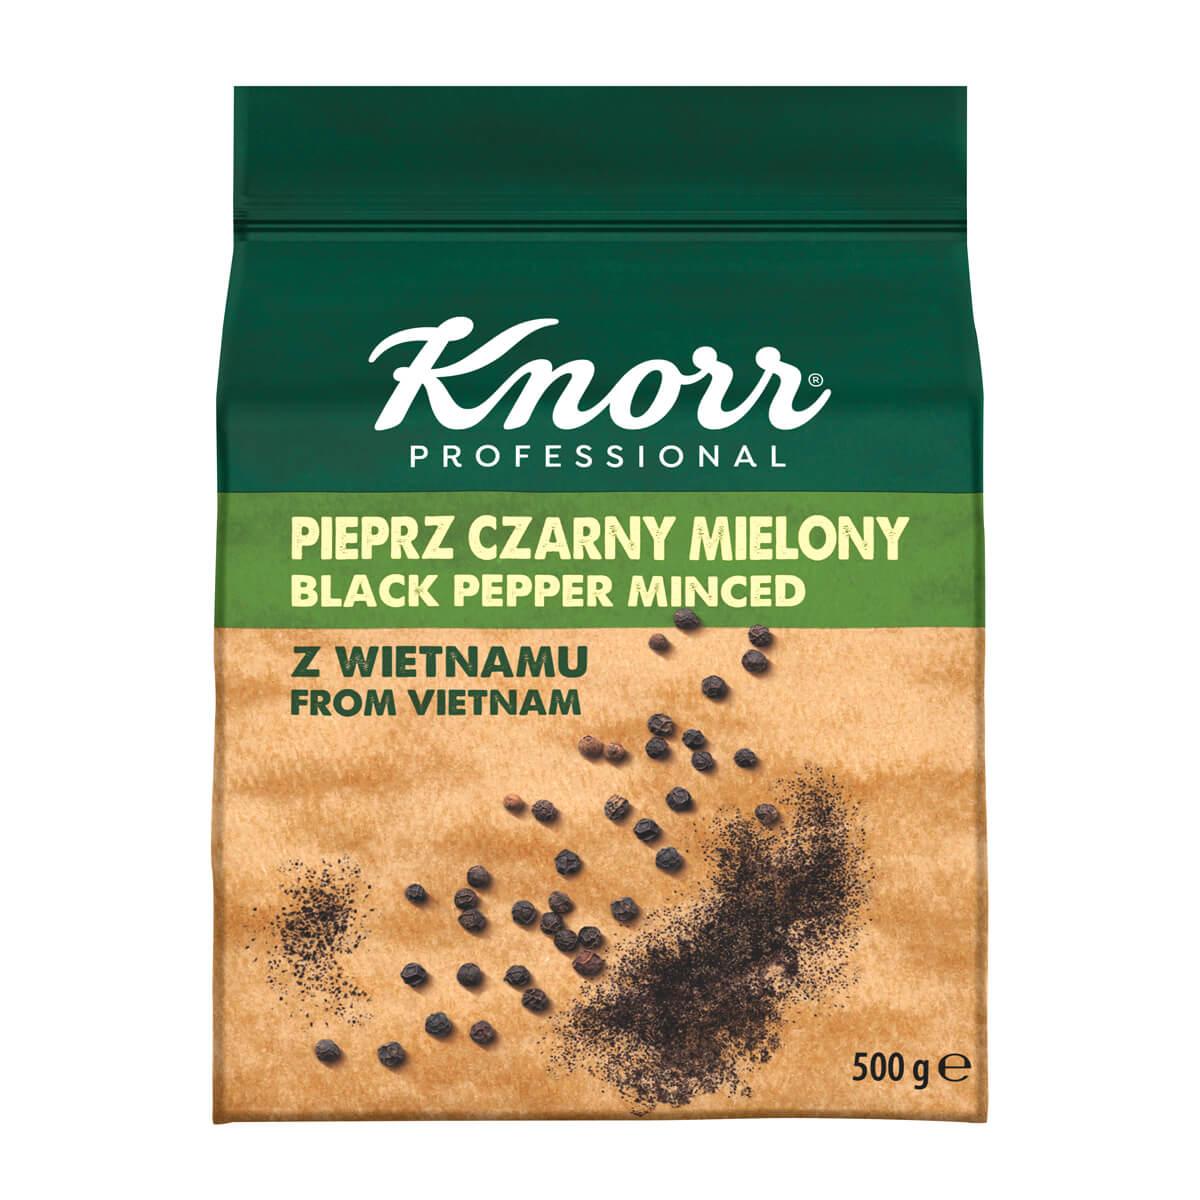 """KNORR Млян черен пипер - """"В ежедневието си използвам разнообразие от билки и подправки, затова е важно те да имат автентичен вкус"""""""